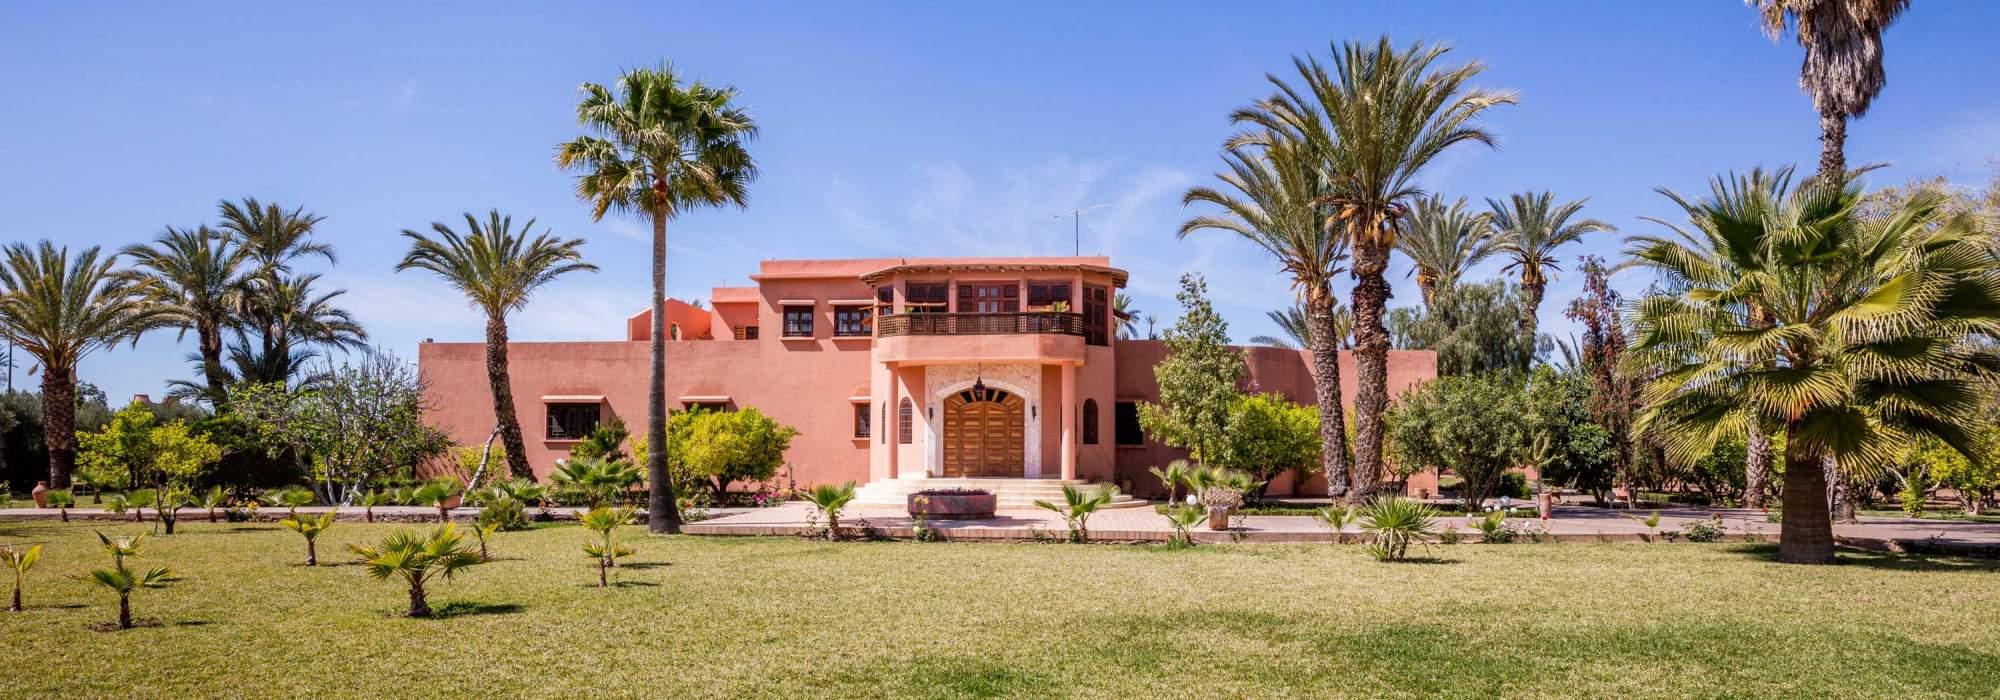 vente villa palmeraie marrakech